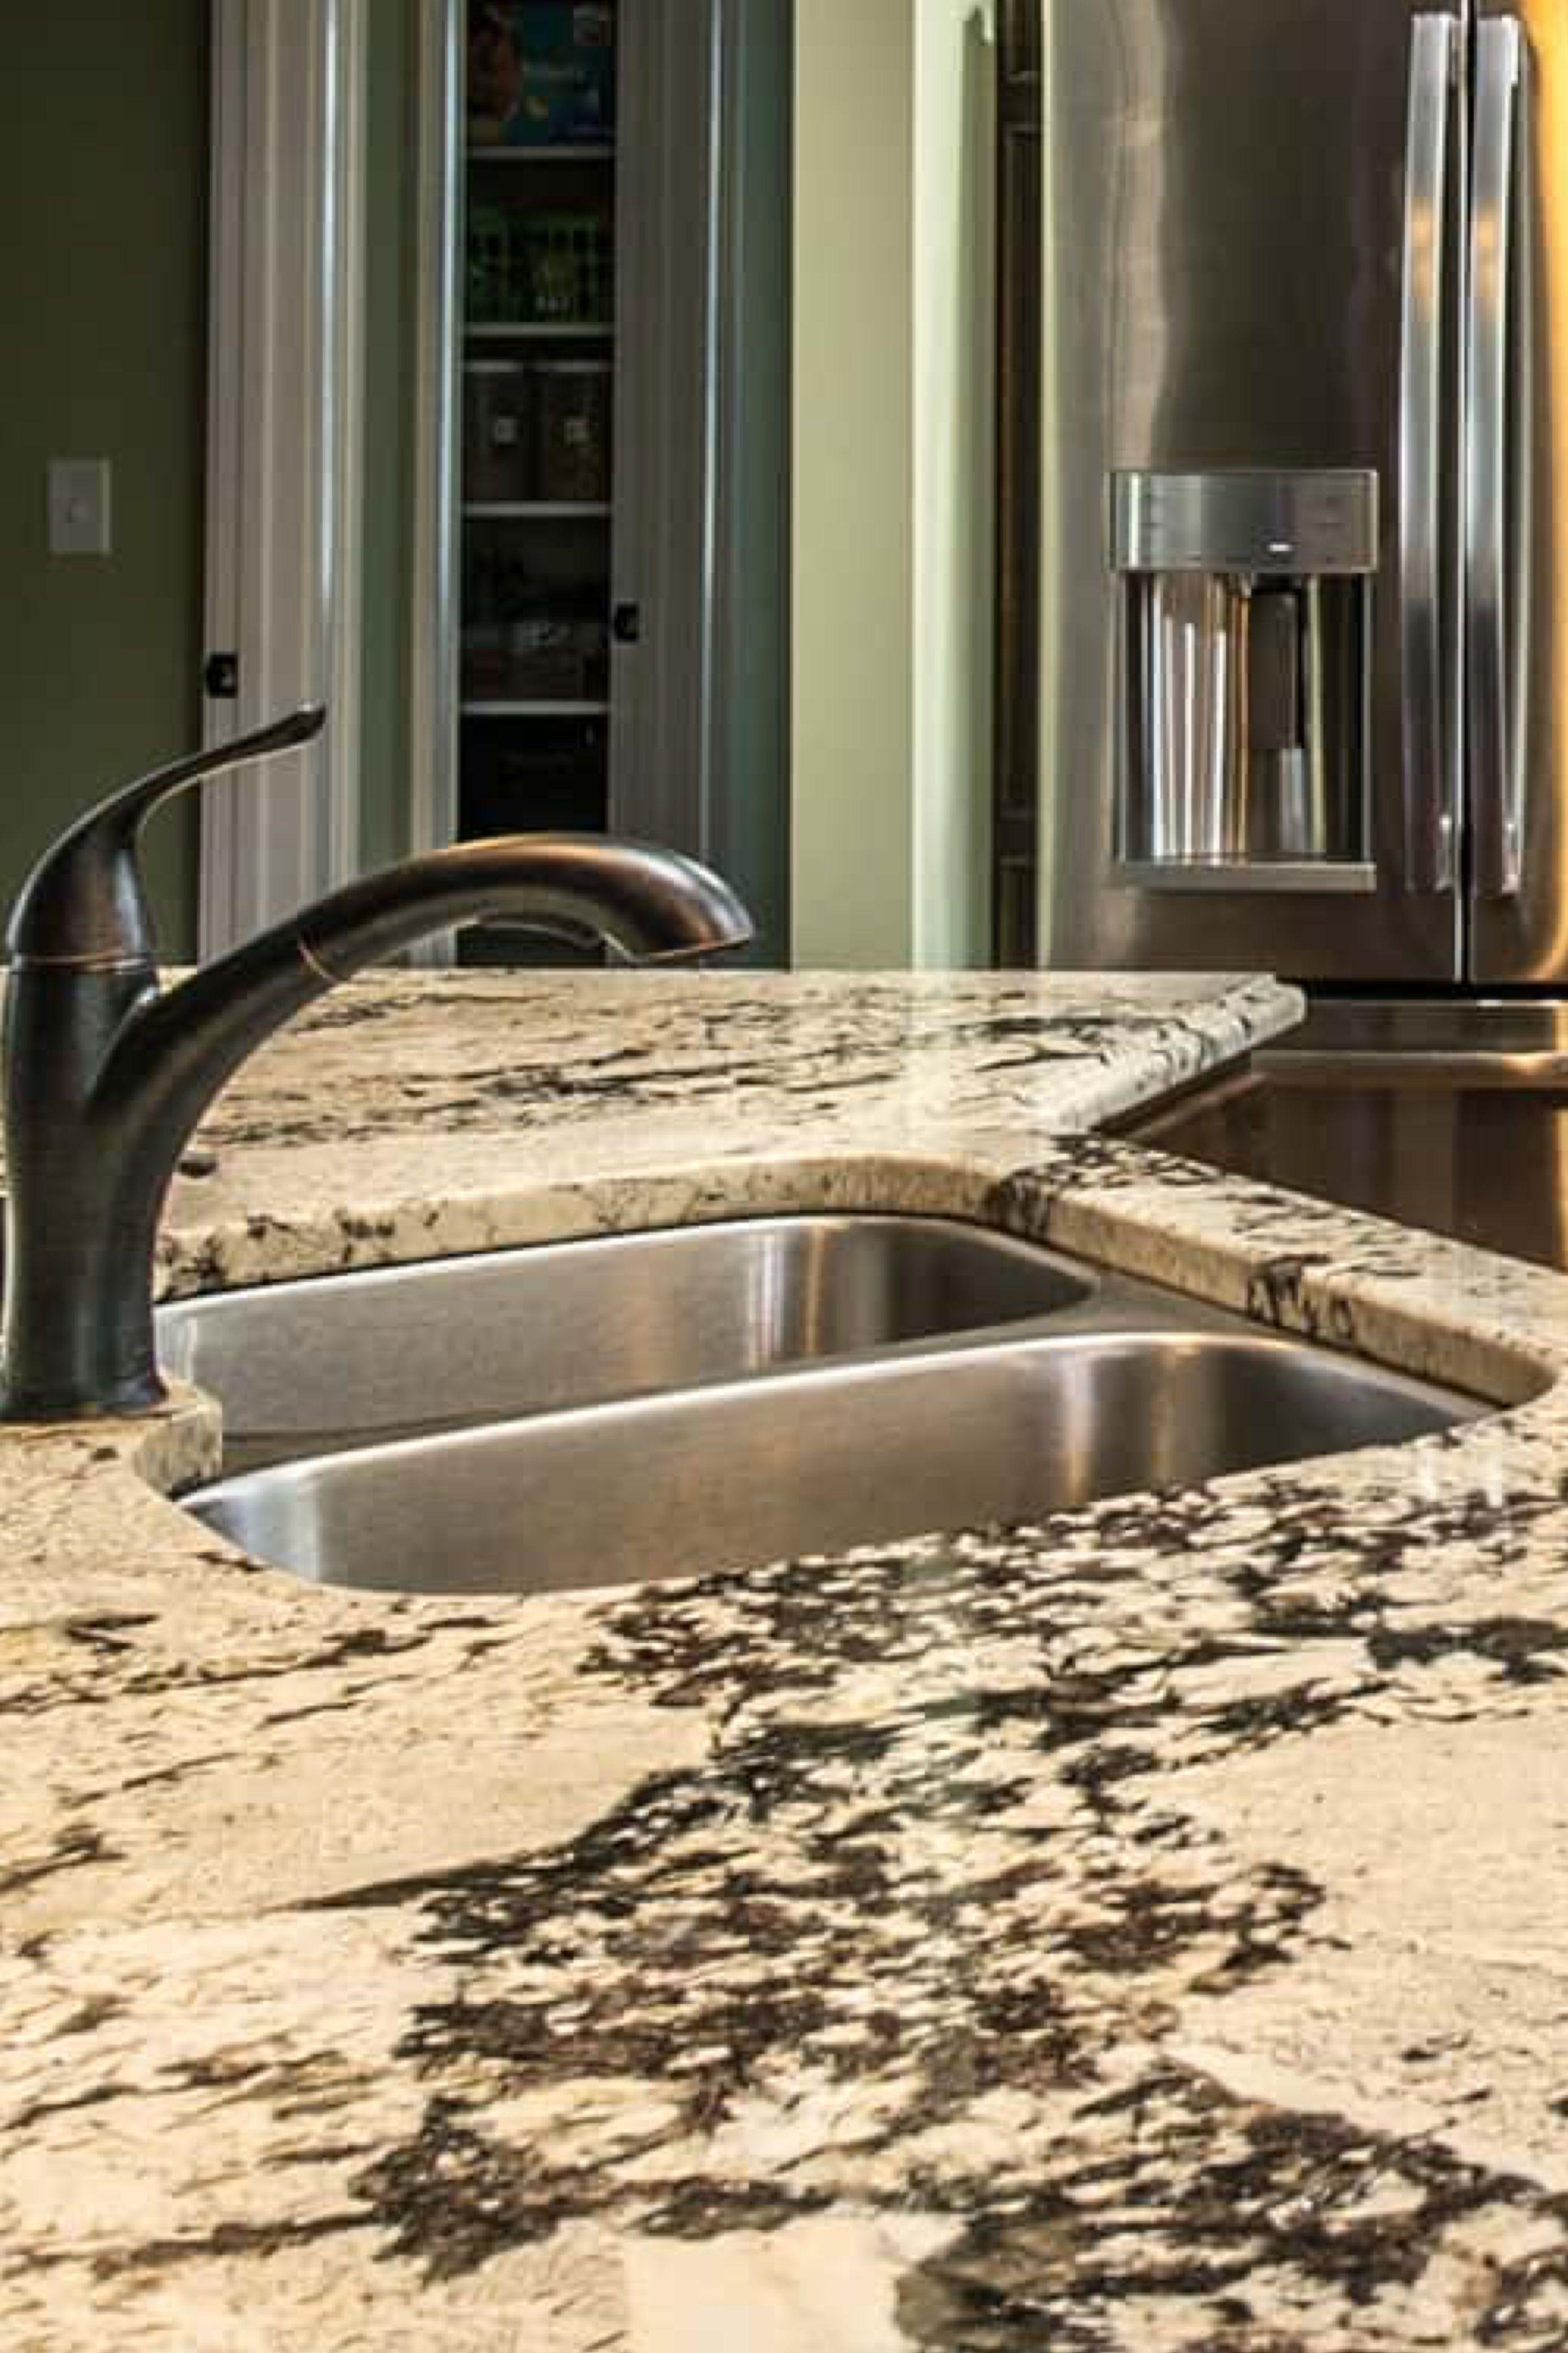 Delicatus White Granite Countertops Cost Reviews White Granite Countertops Delicatus White Granite Granite Countertops